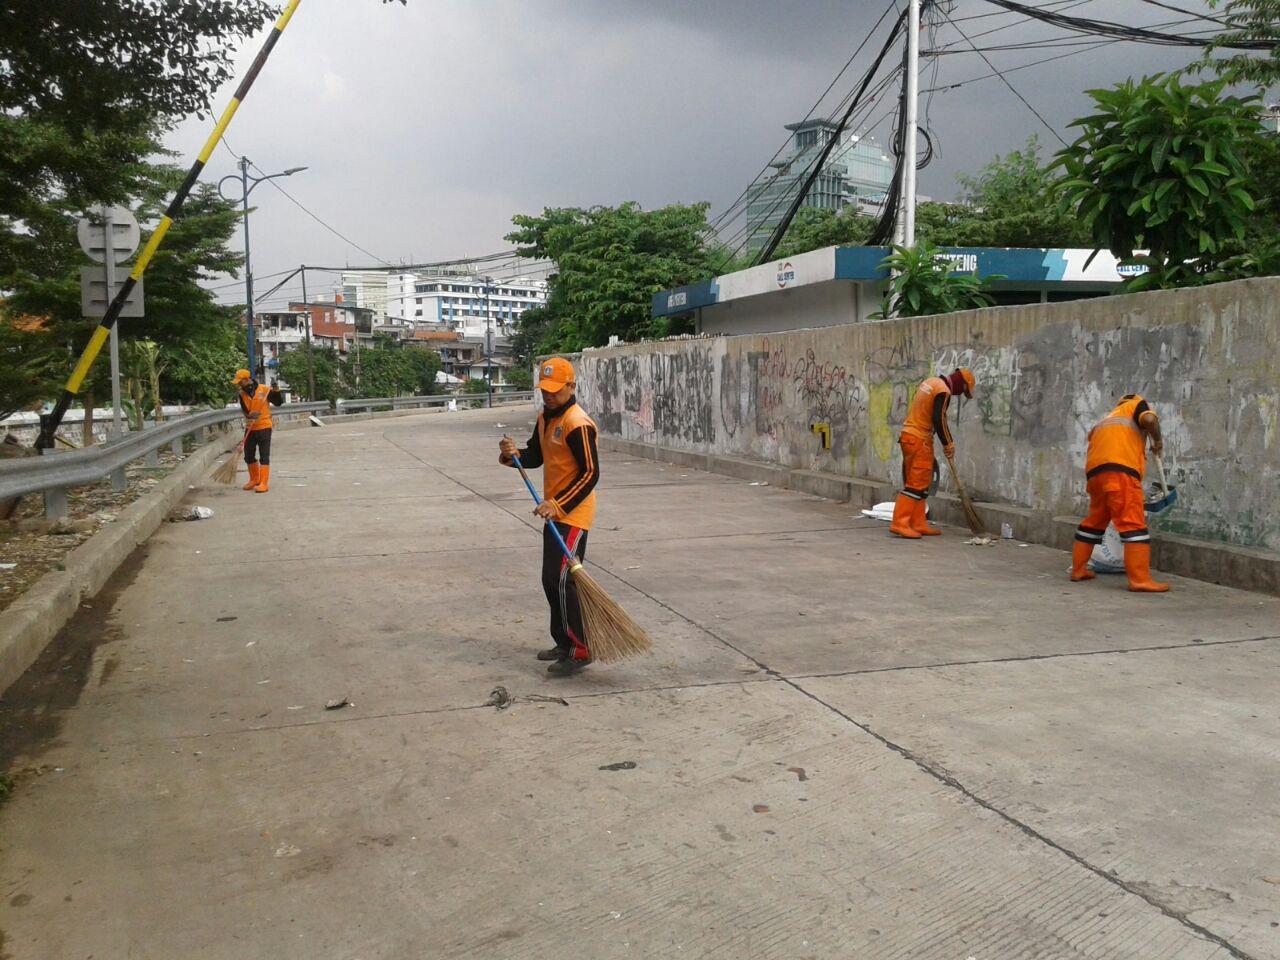 Petugas PPSU Kesal Tembok Jalan Inspeksi Kali Ciliwung Kebon Sirih Penuh Coretan